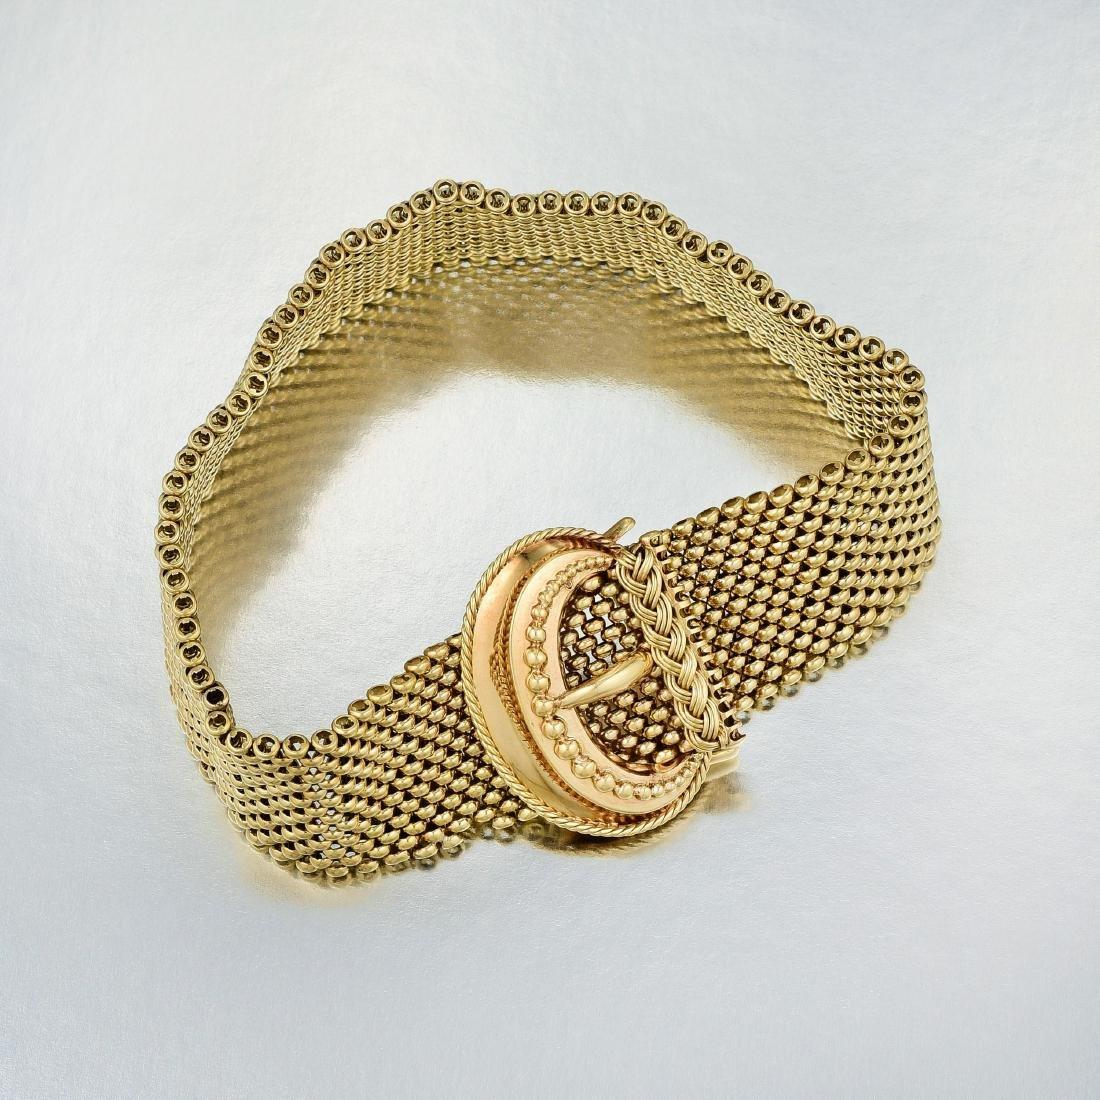 Vintage Gold Buckle Bracelet - 2